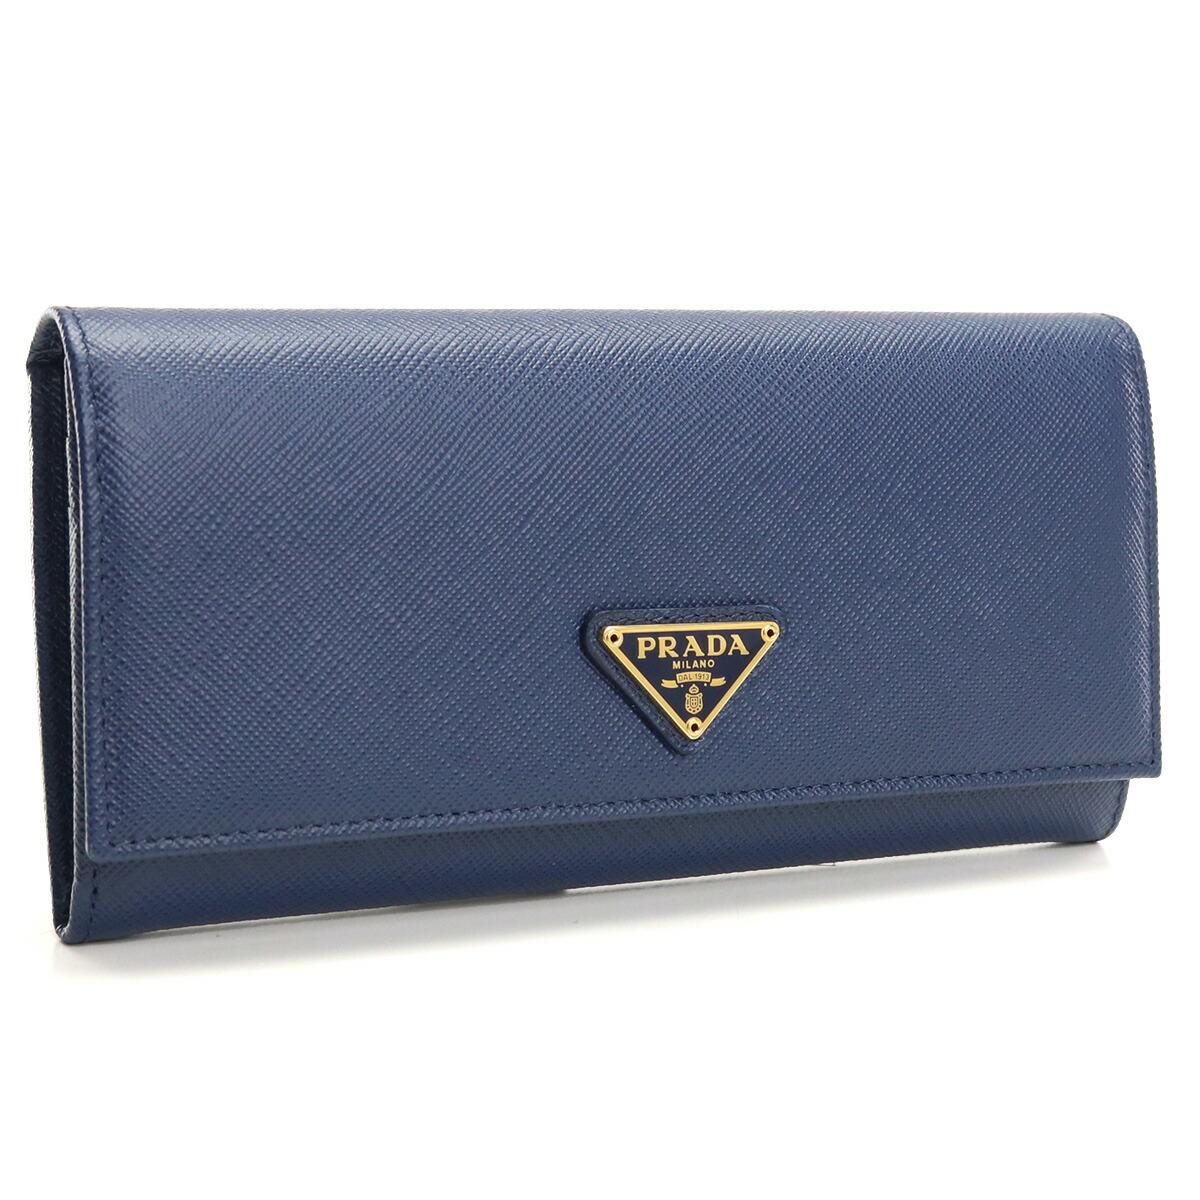 プラダ PRADA  2つ折り長財布 小銭入れ付き 1MH132 QHH F0016 ブルー系